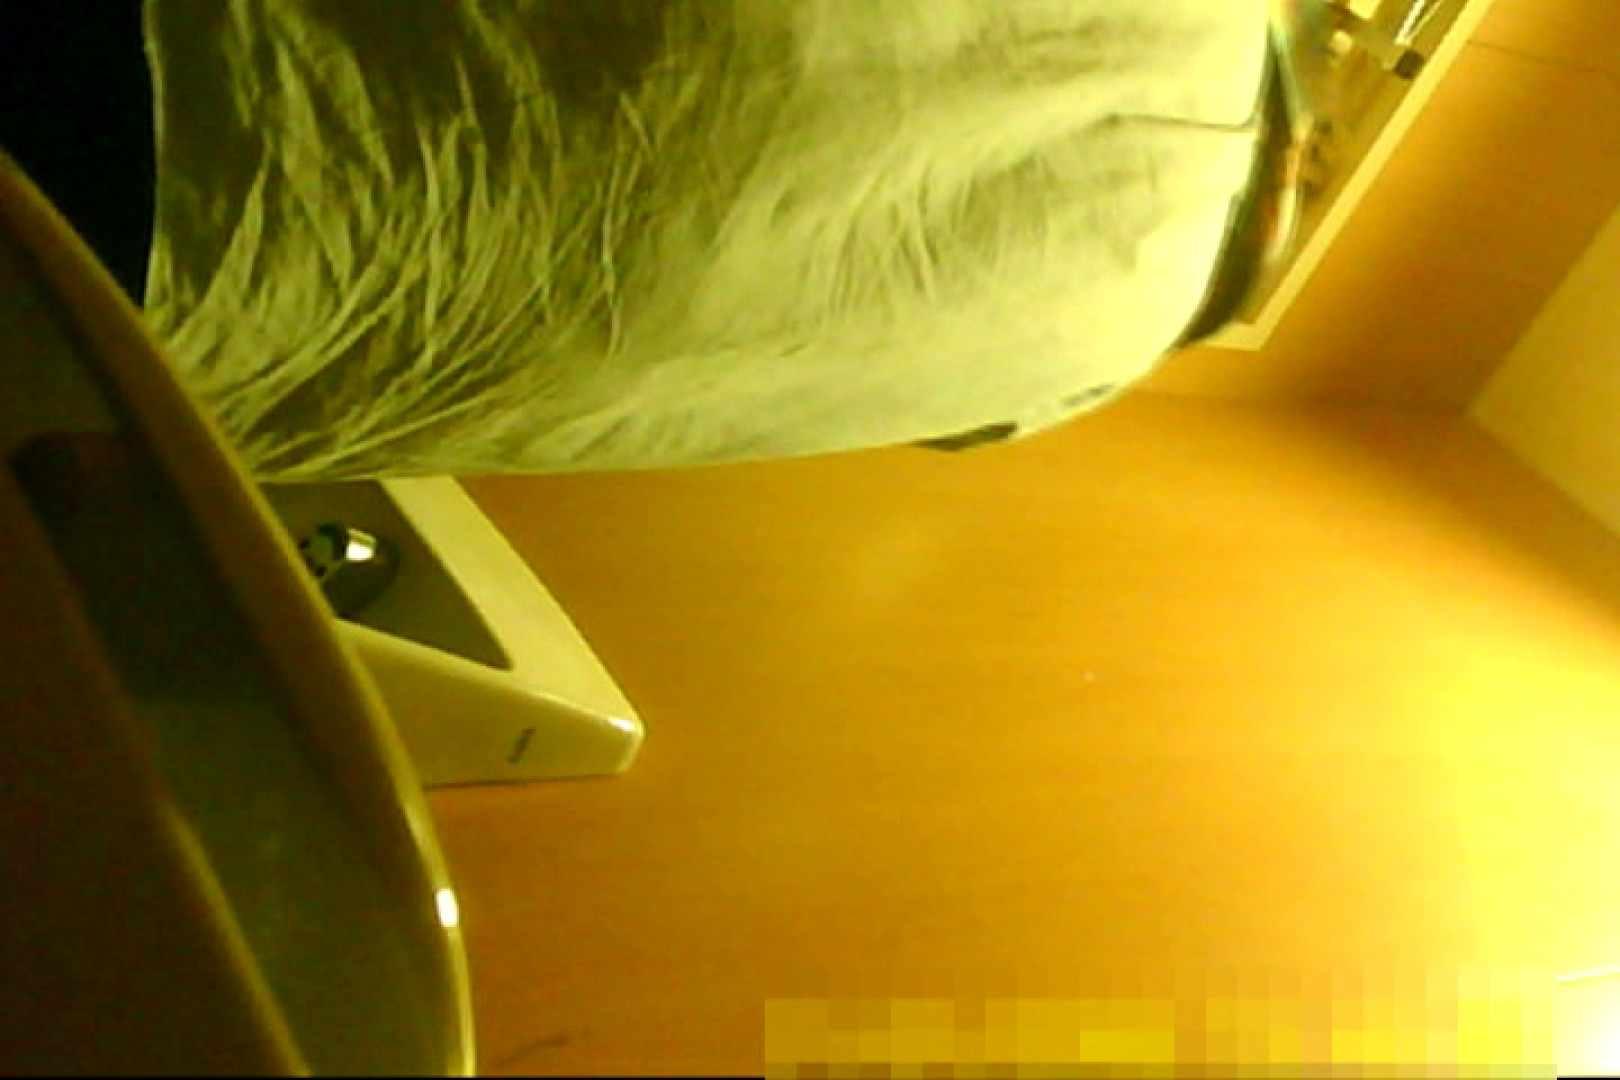 魅惑の化粧室~禁断のプライベート空間~29 プライベート | 盗撮師作品  87pic 25